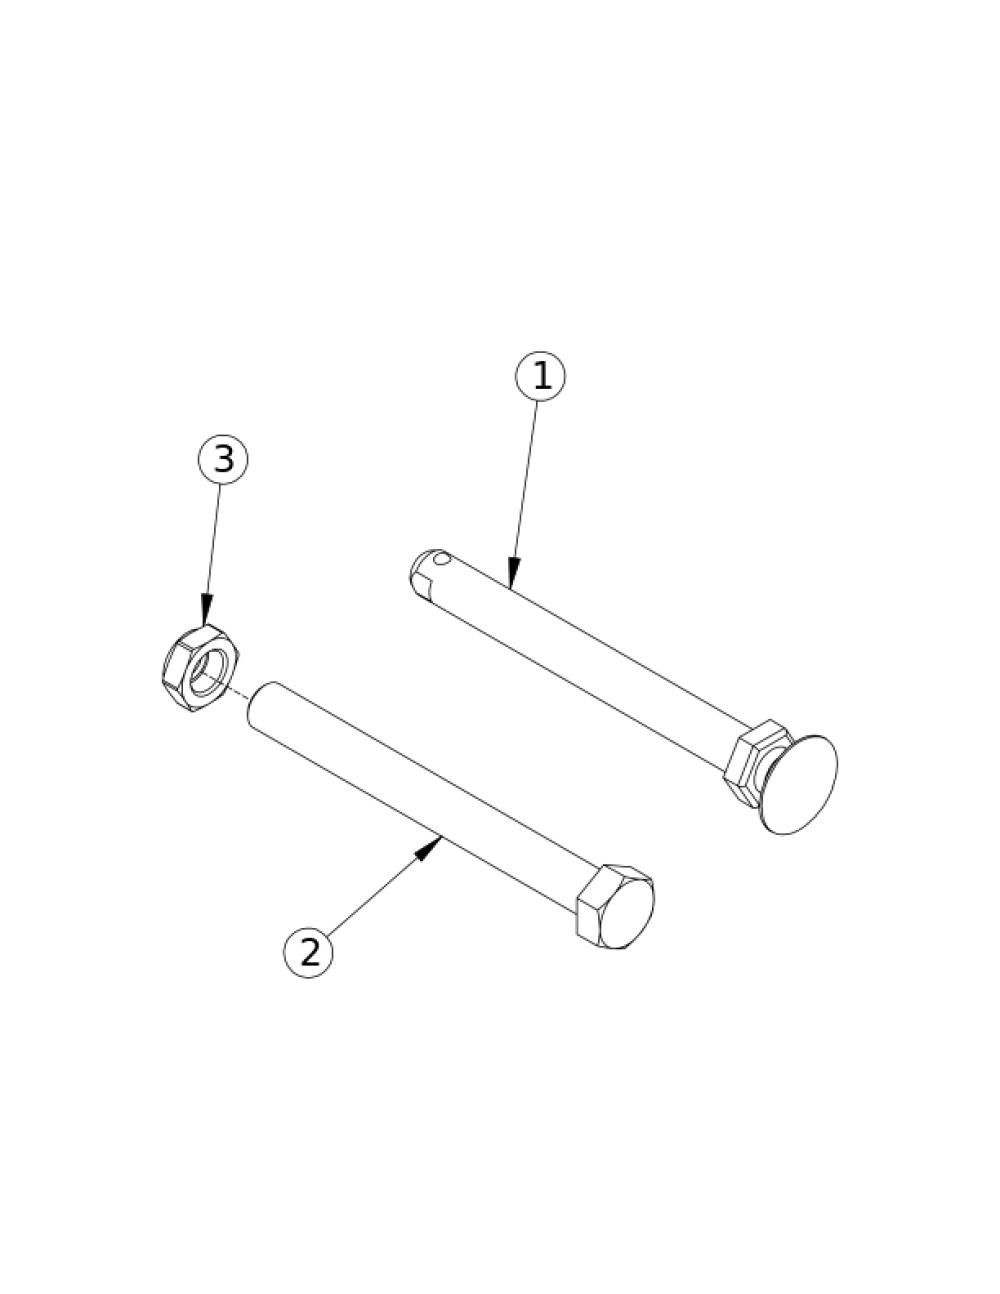 Liberty Ft Axles parts diagram